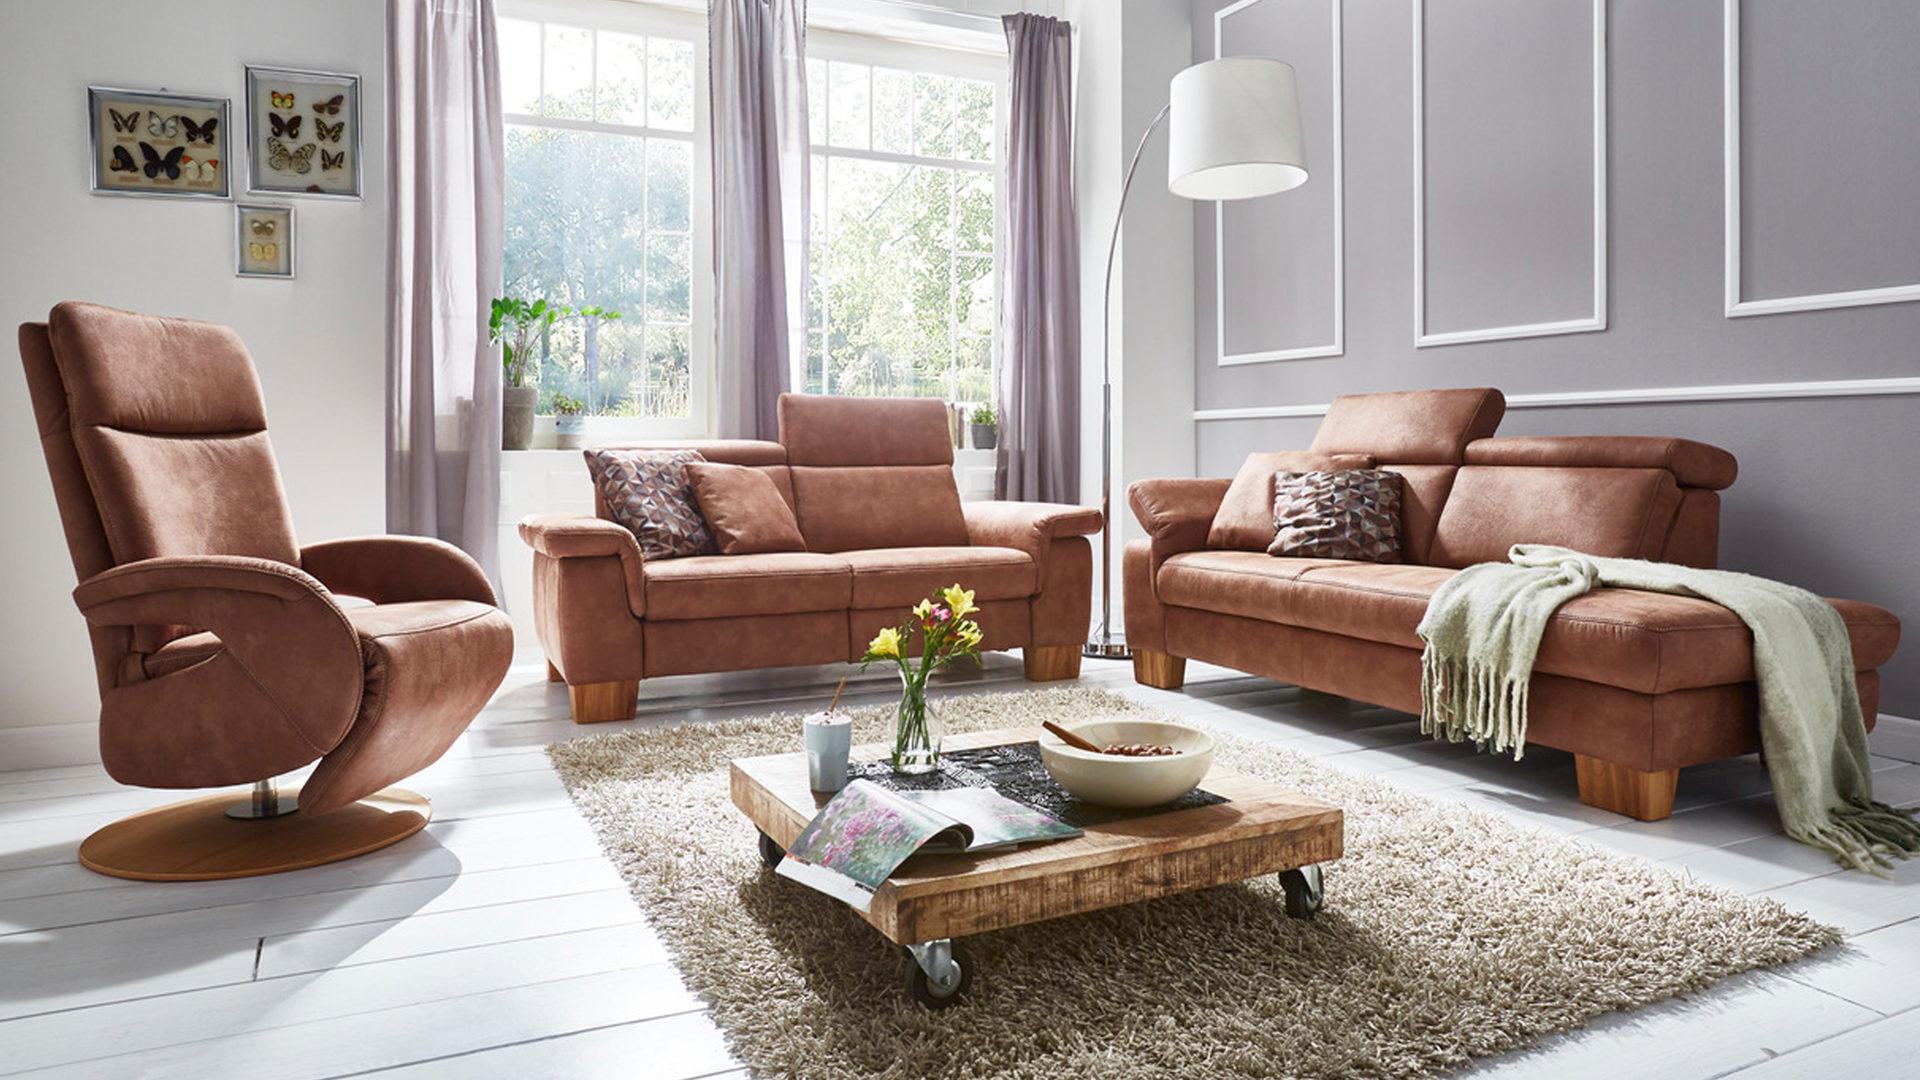 Steinpol sofa 100 images polstermoebel guenstig ch steinpol steinpol sofa jobst wohnwelt traunreut rume wohnzimmer sofas couches parisarafo Images